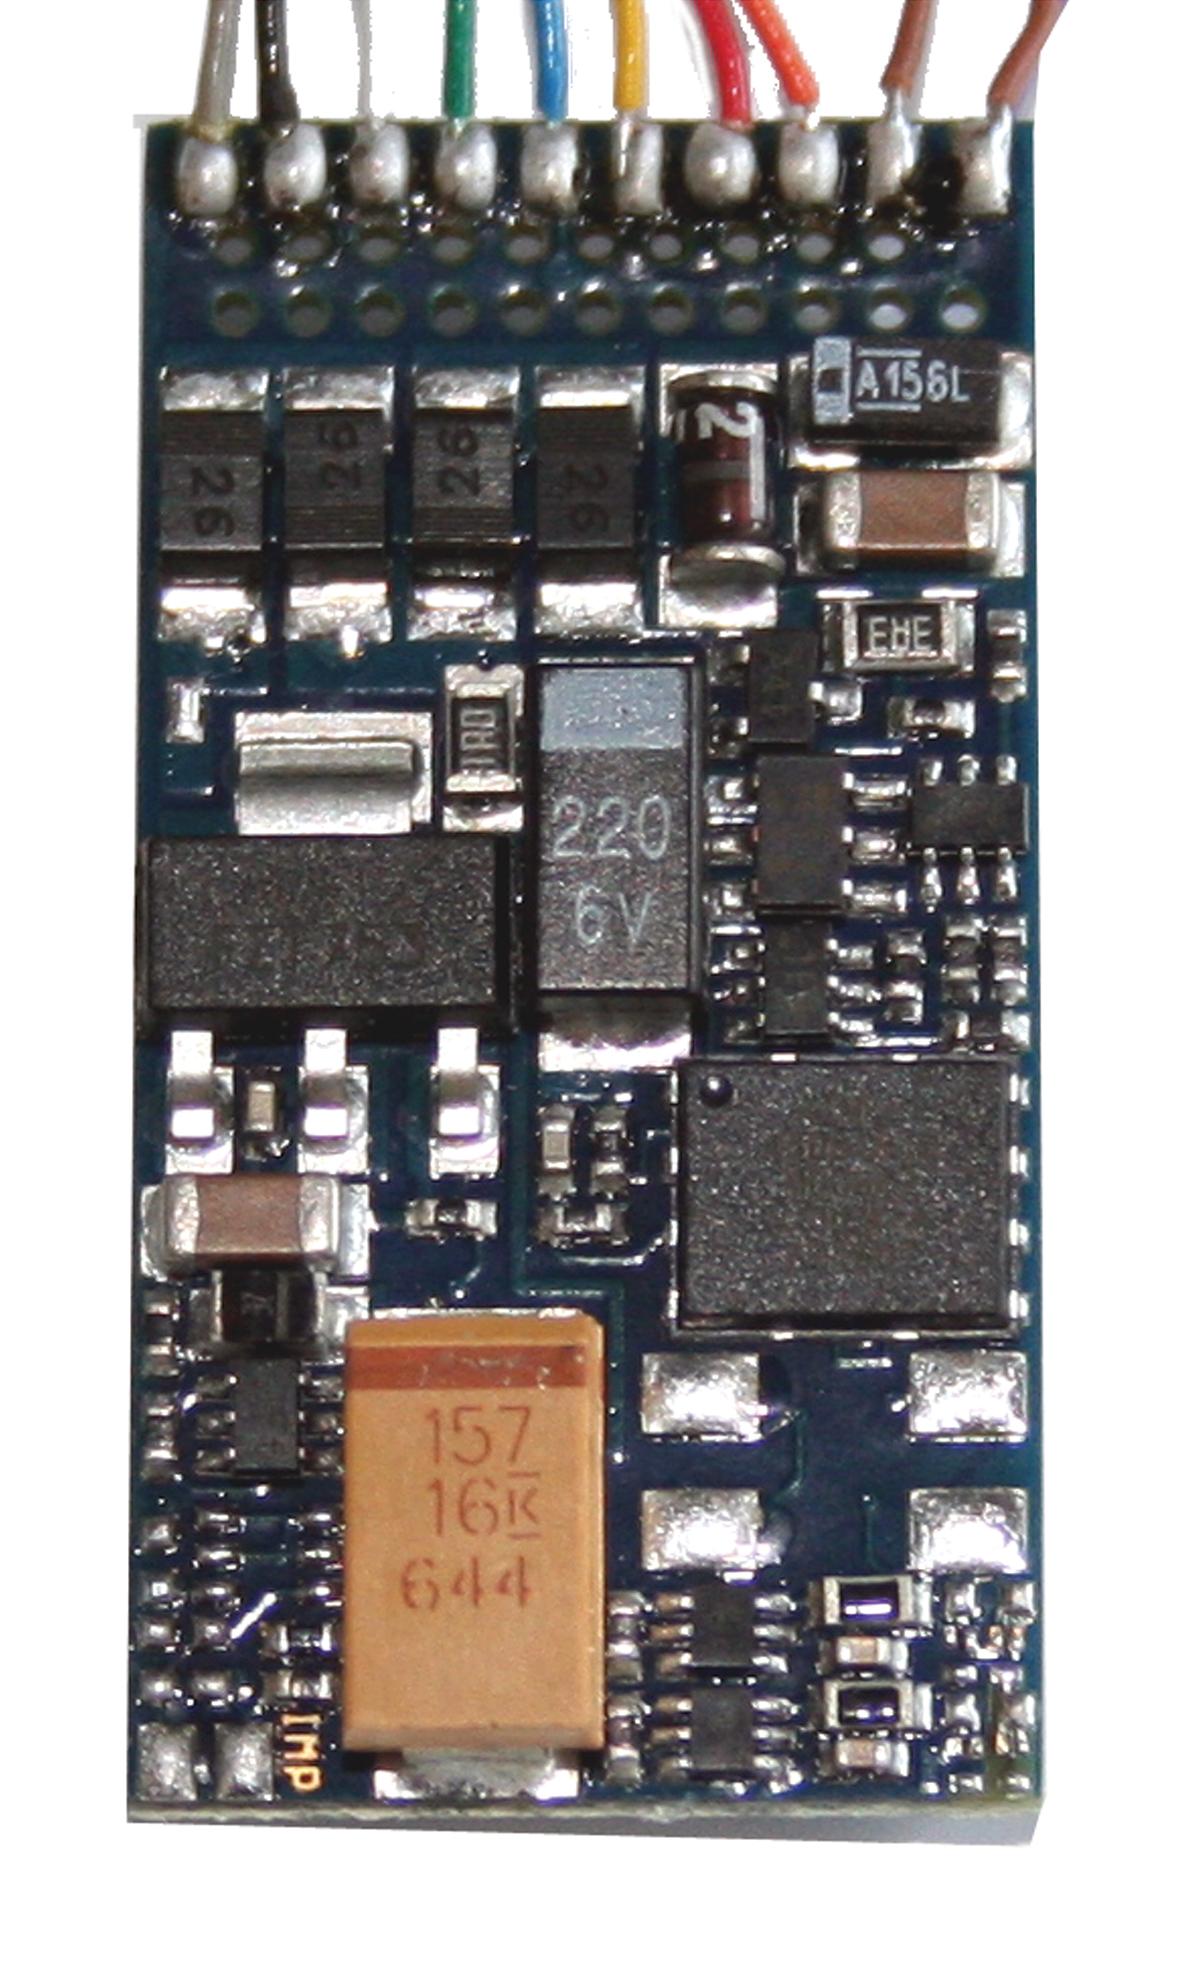 Atemberaubend 4 Draht Deckenventilator Kondensatoren C61 Bilder ...